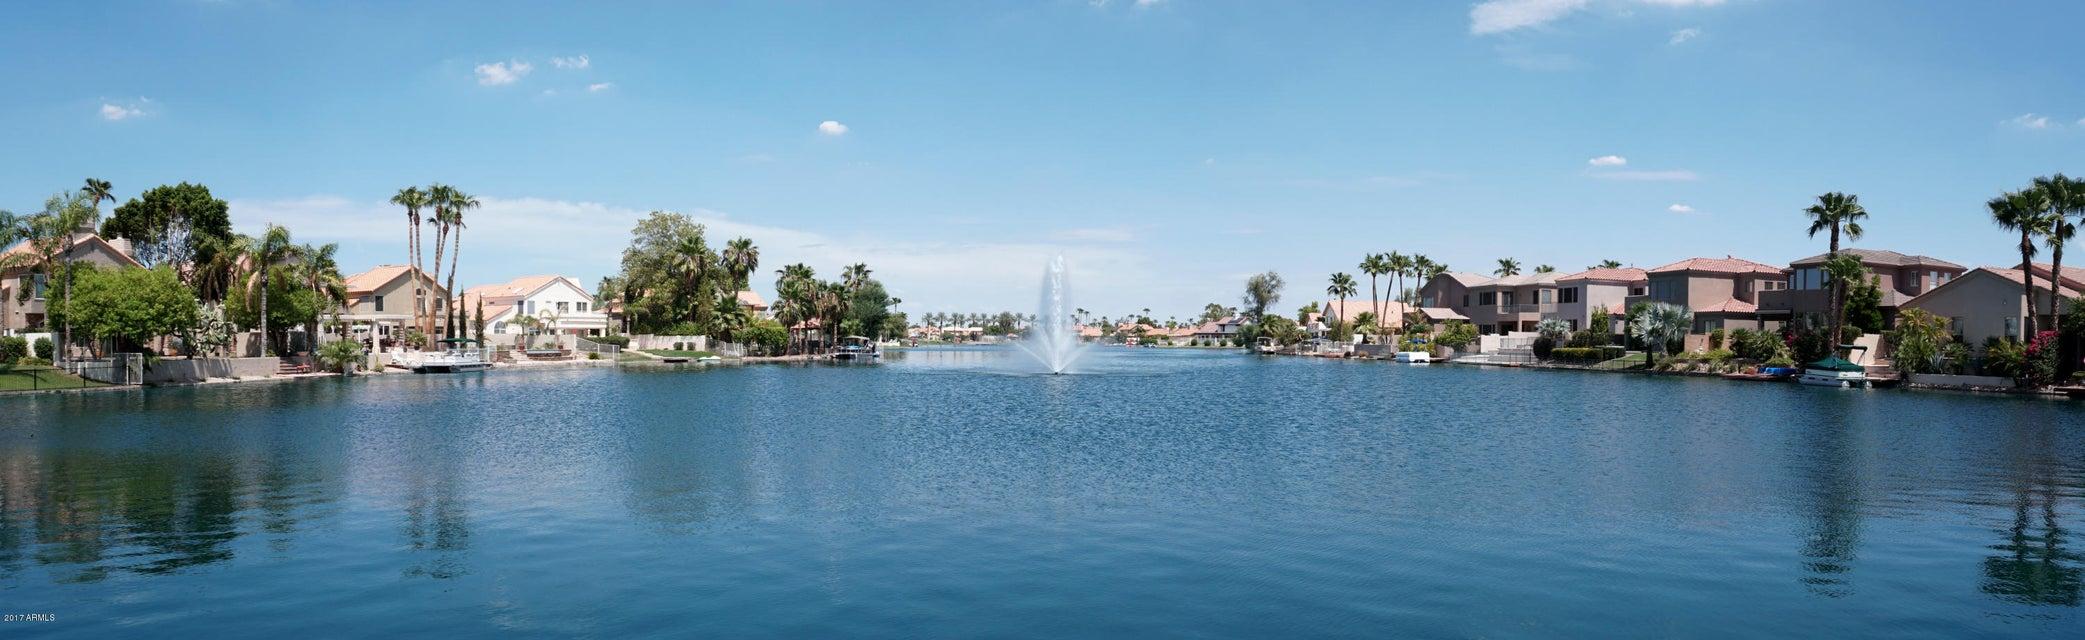 MLS 5638944 17009 S 34TH Place, Phoenix, AZ 85048 Phoenix AZ Lakewood